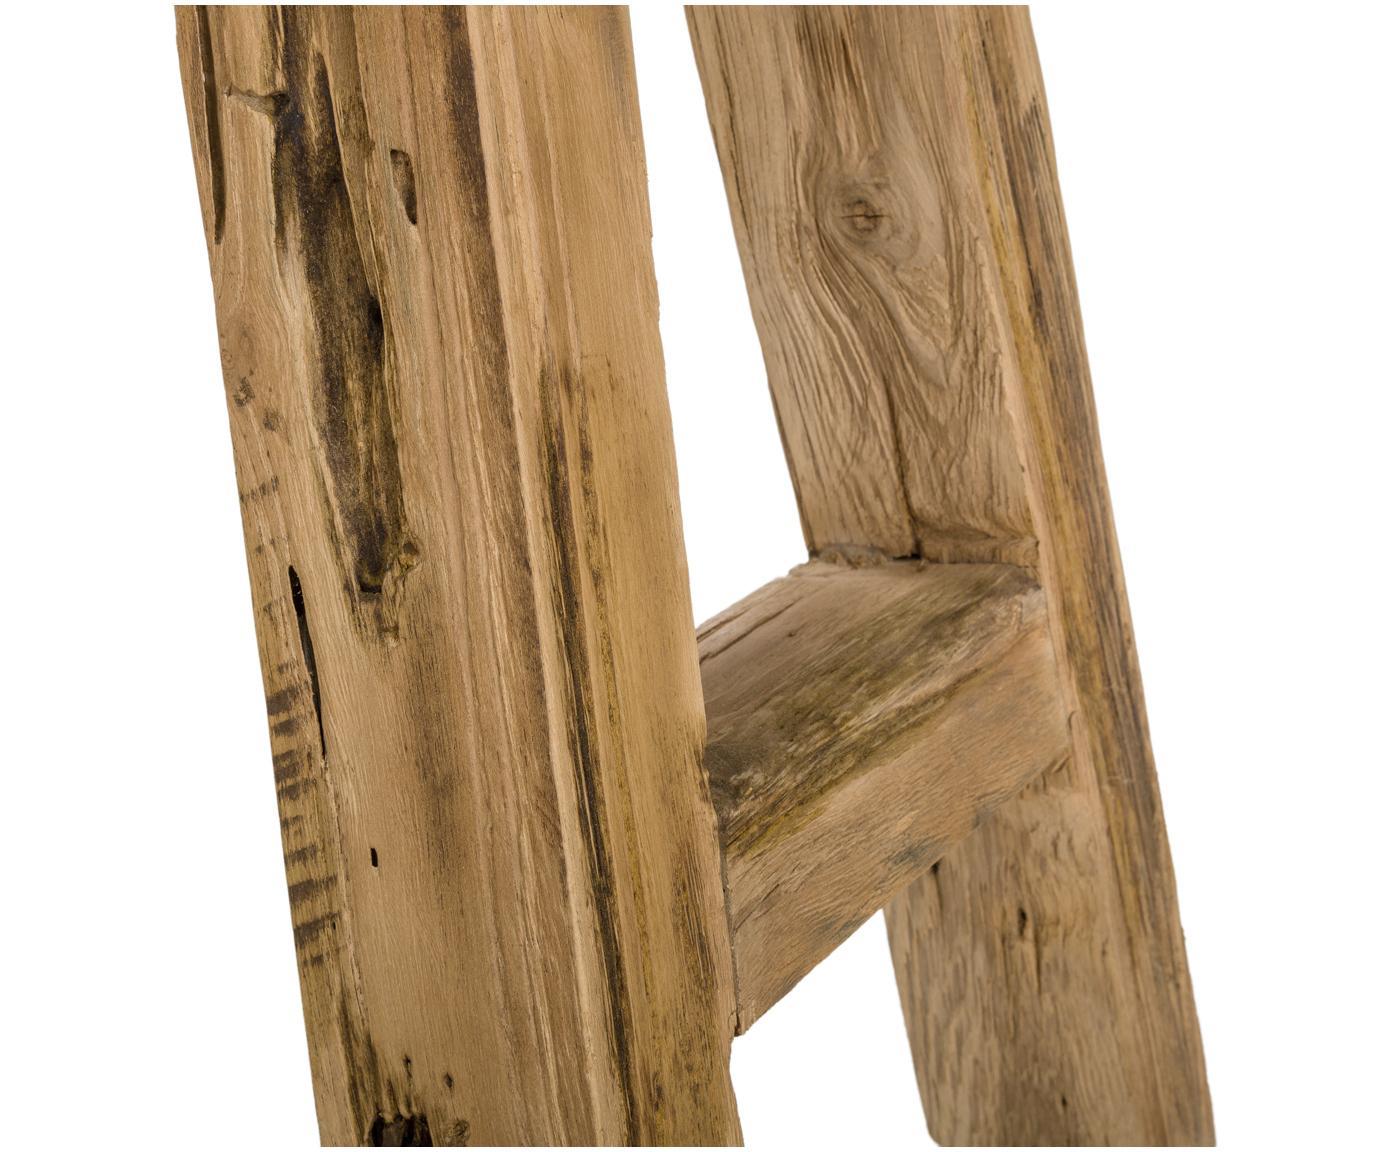 Ławka z drewna tekowego Lawas, Naturalne drewno tekowe, Drewno tekowe, S 180 x H 45 cm